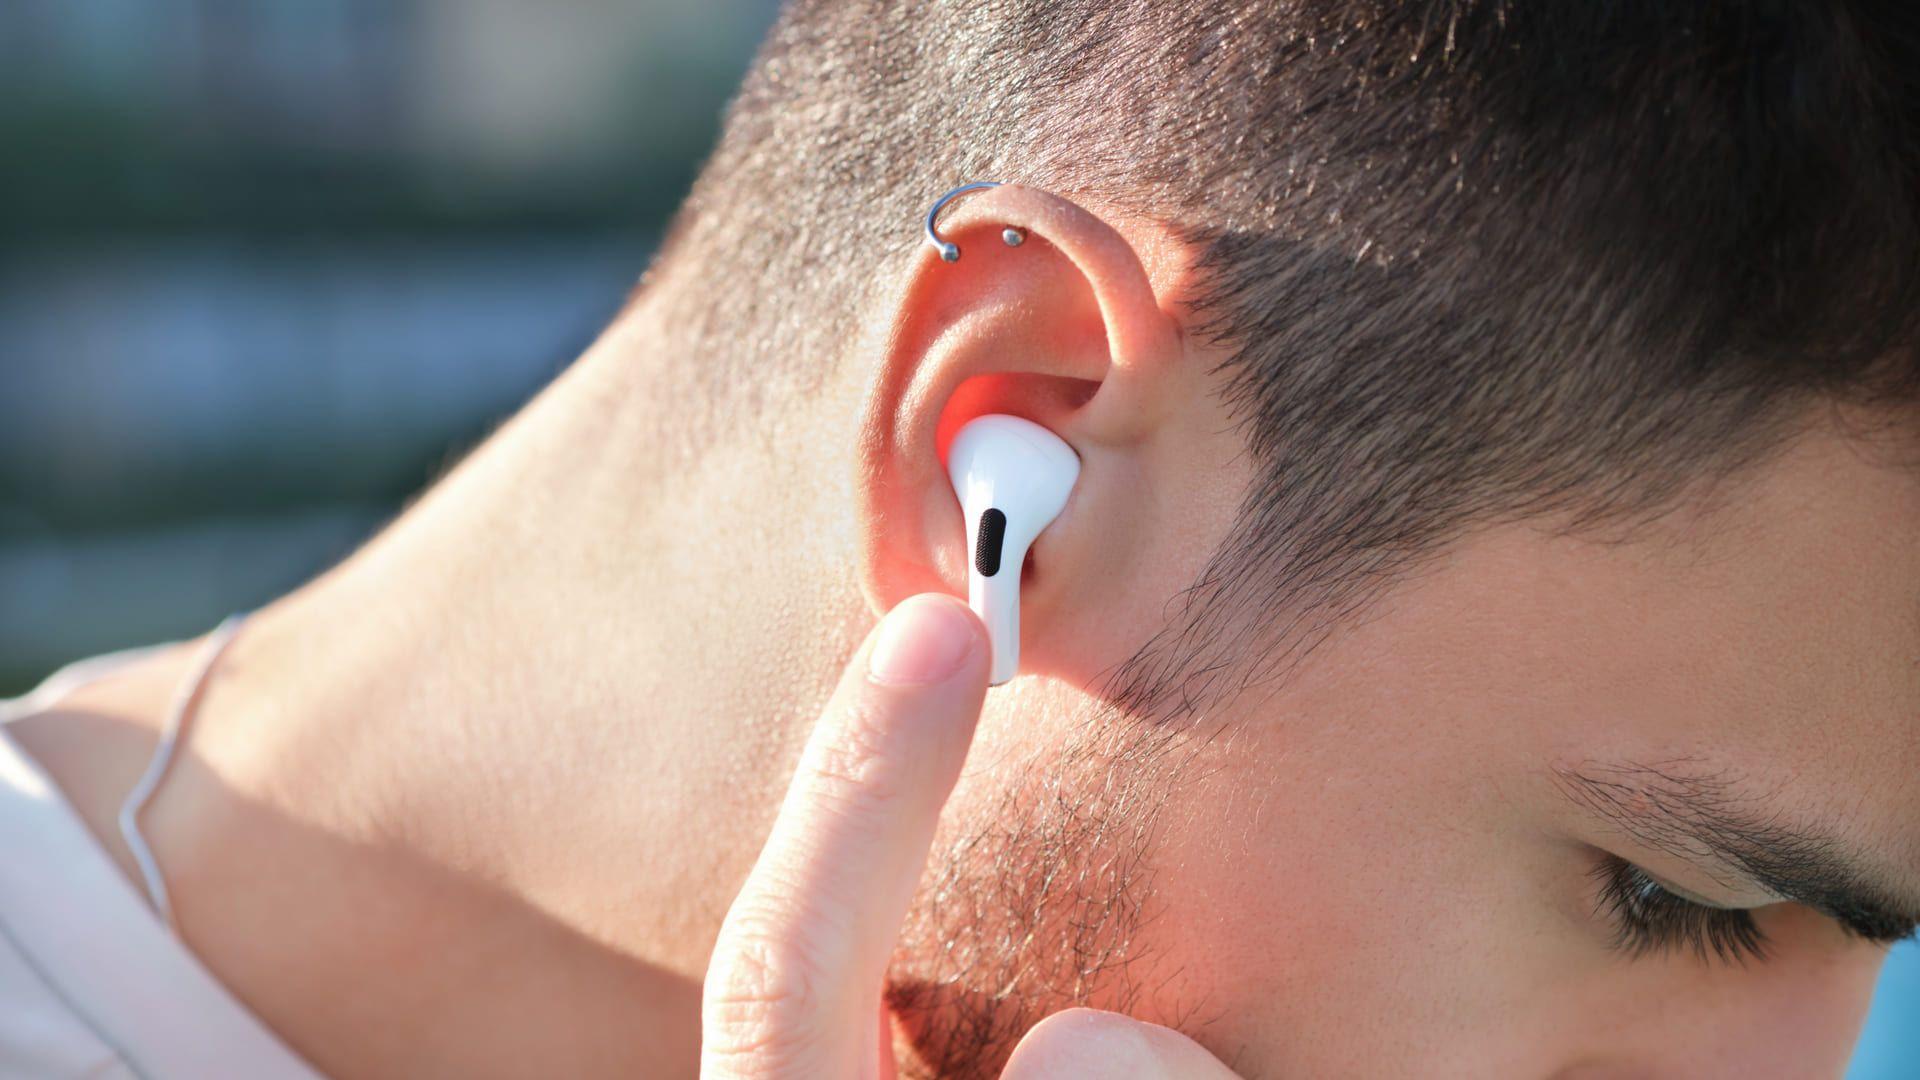 Os microfones dos AirPods Pro deixam sua voz clara e sem distorções. (Foto: Shutterstock)